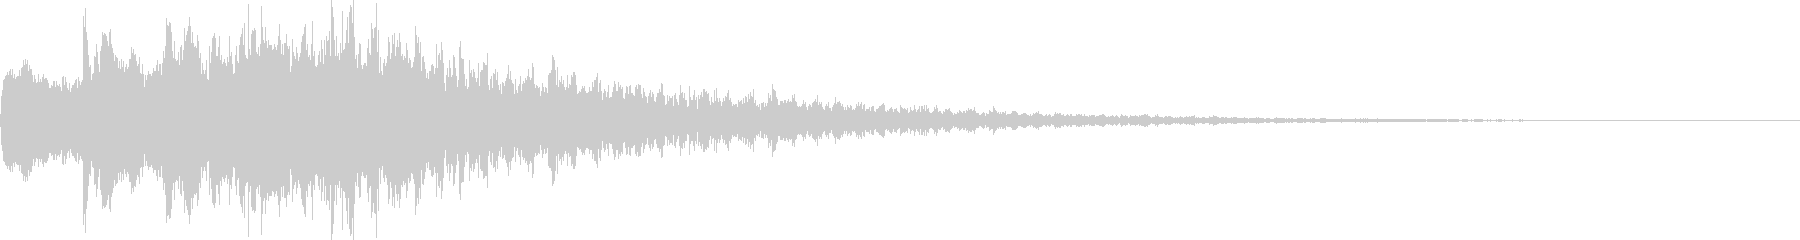 【ゲーム系】連鎖/パズル/12コンボの未再生の波形